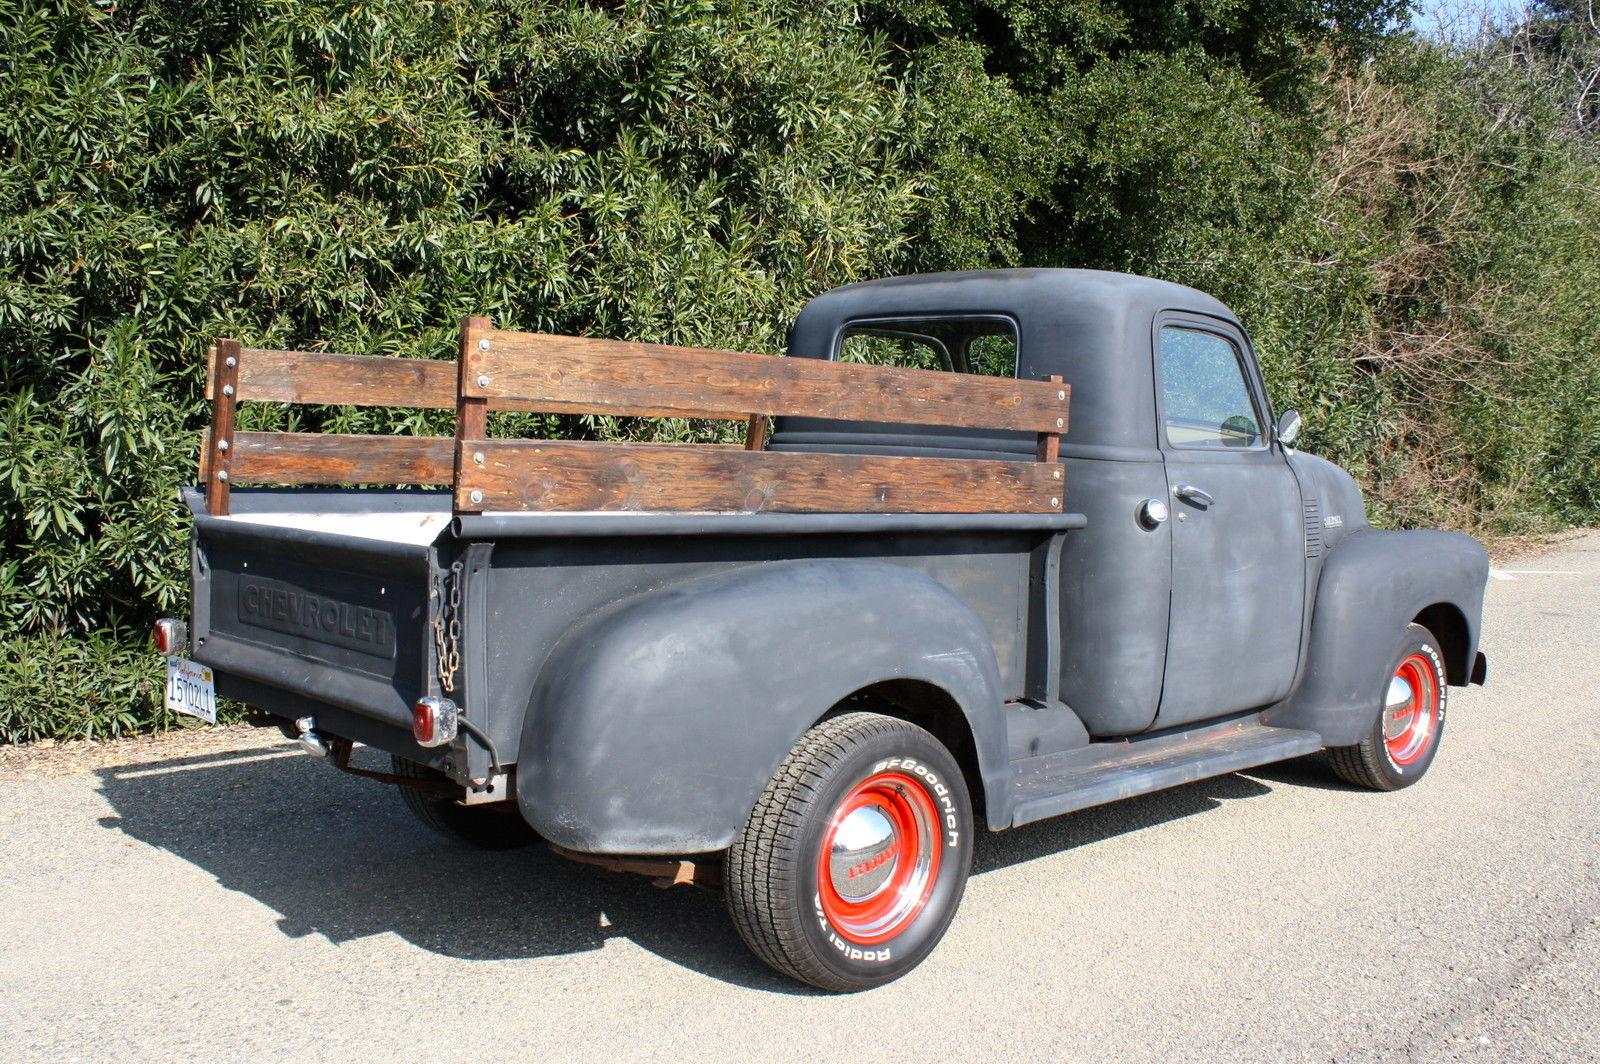 1950 Chevrolet Pickup V8 Hot Rod 1948 1949 1951 1952 1953 1954 1955 Chevy Truck Dash